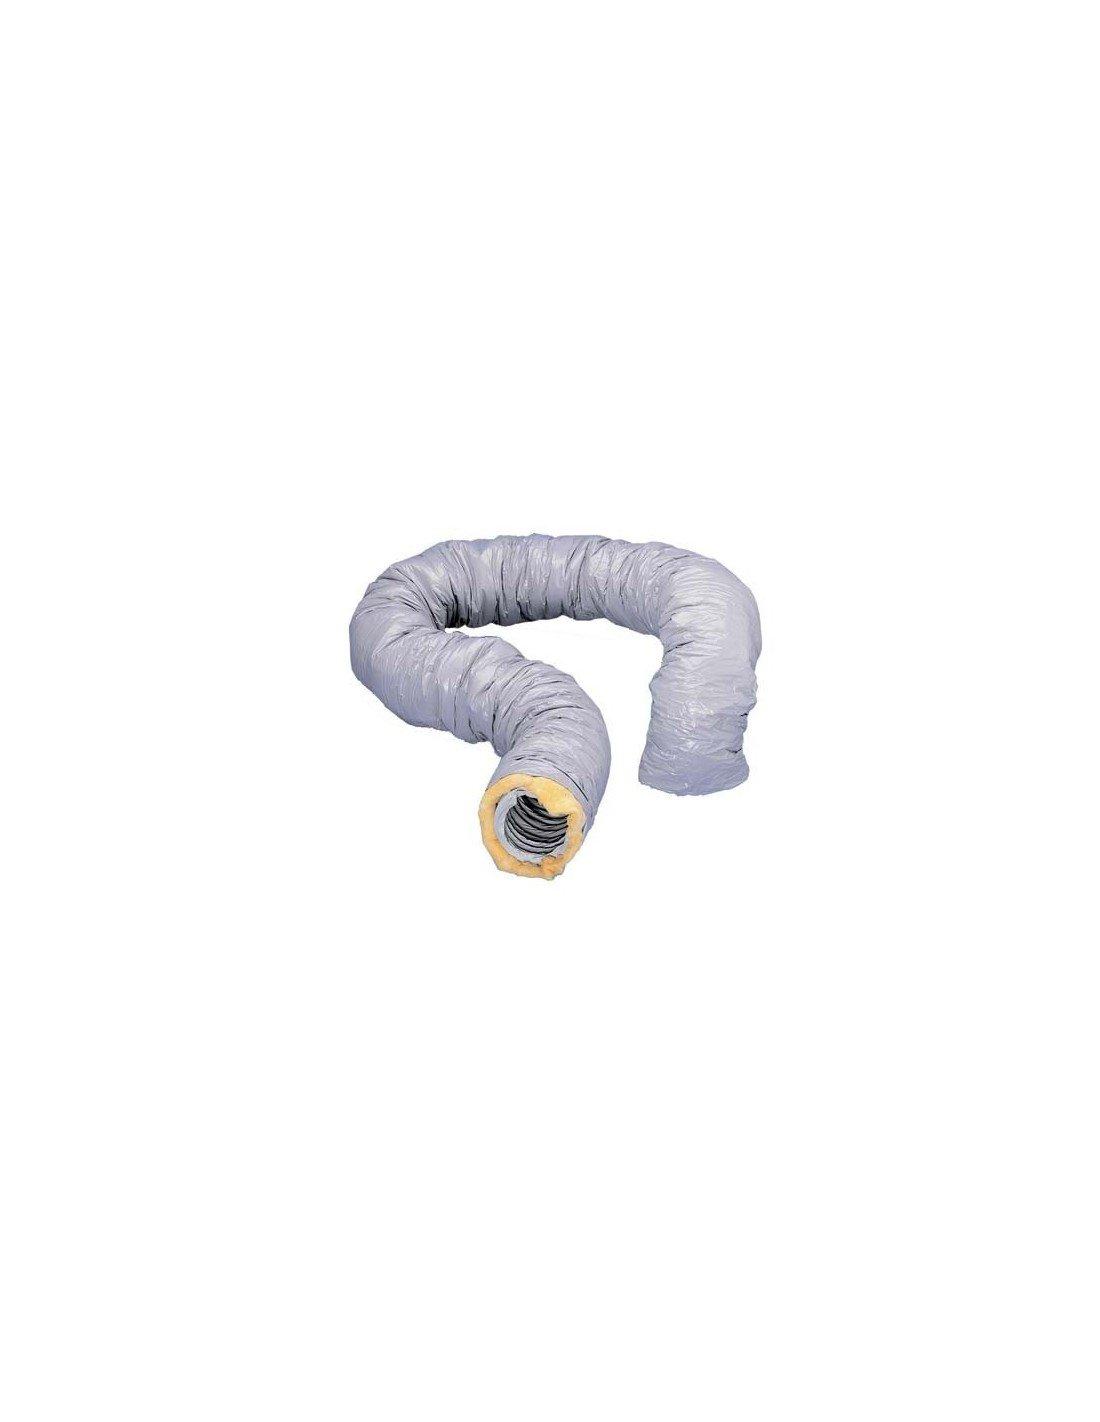 Gaine VMC souple pvc isolé e 25mm Ø 80 mm longueur 6 mê tres UNELVENT